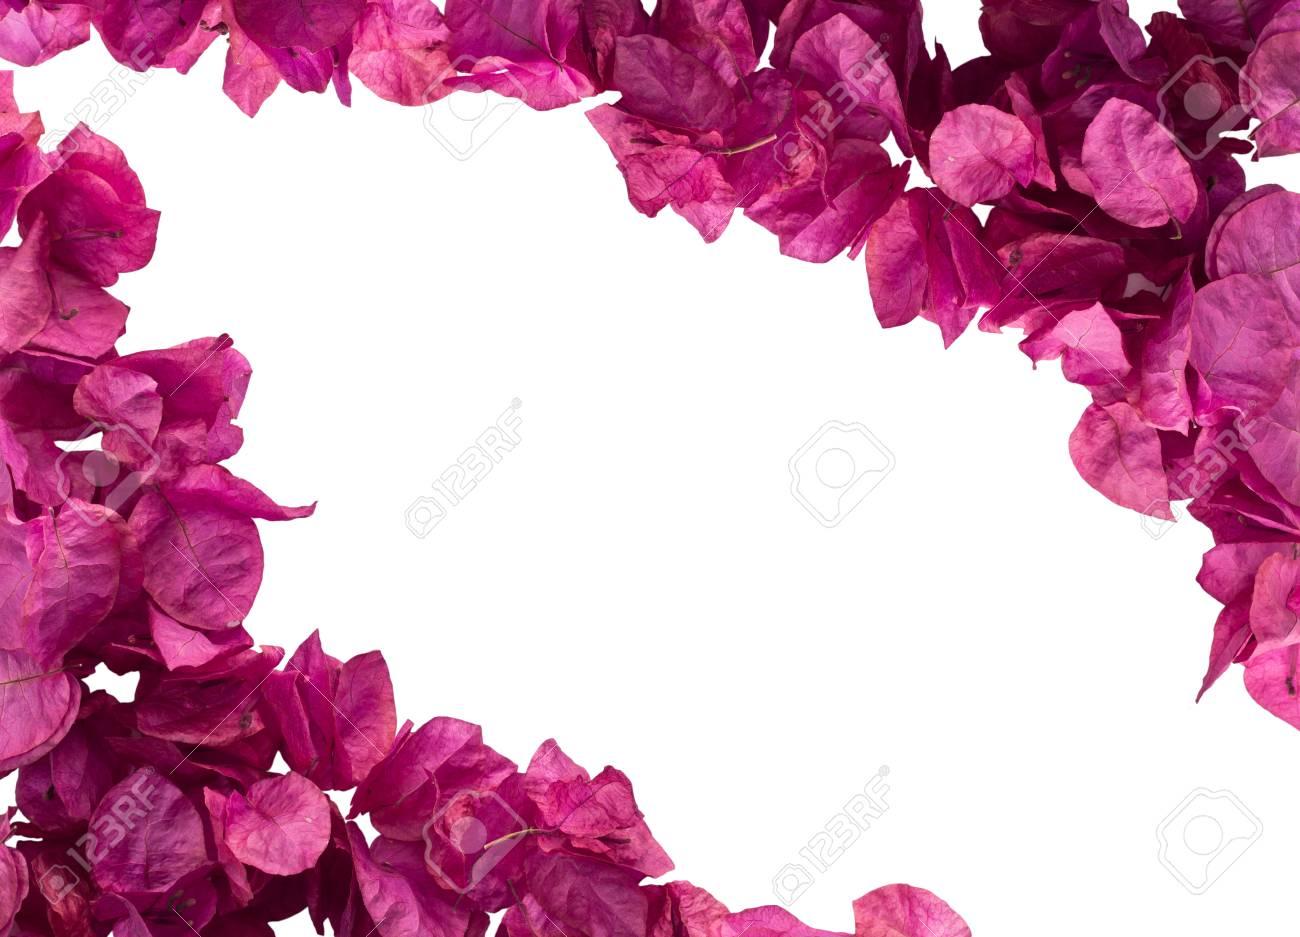 fleurs de bougainvillier rose isolés sur fond blanc banque d'images